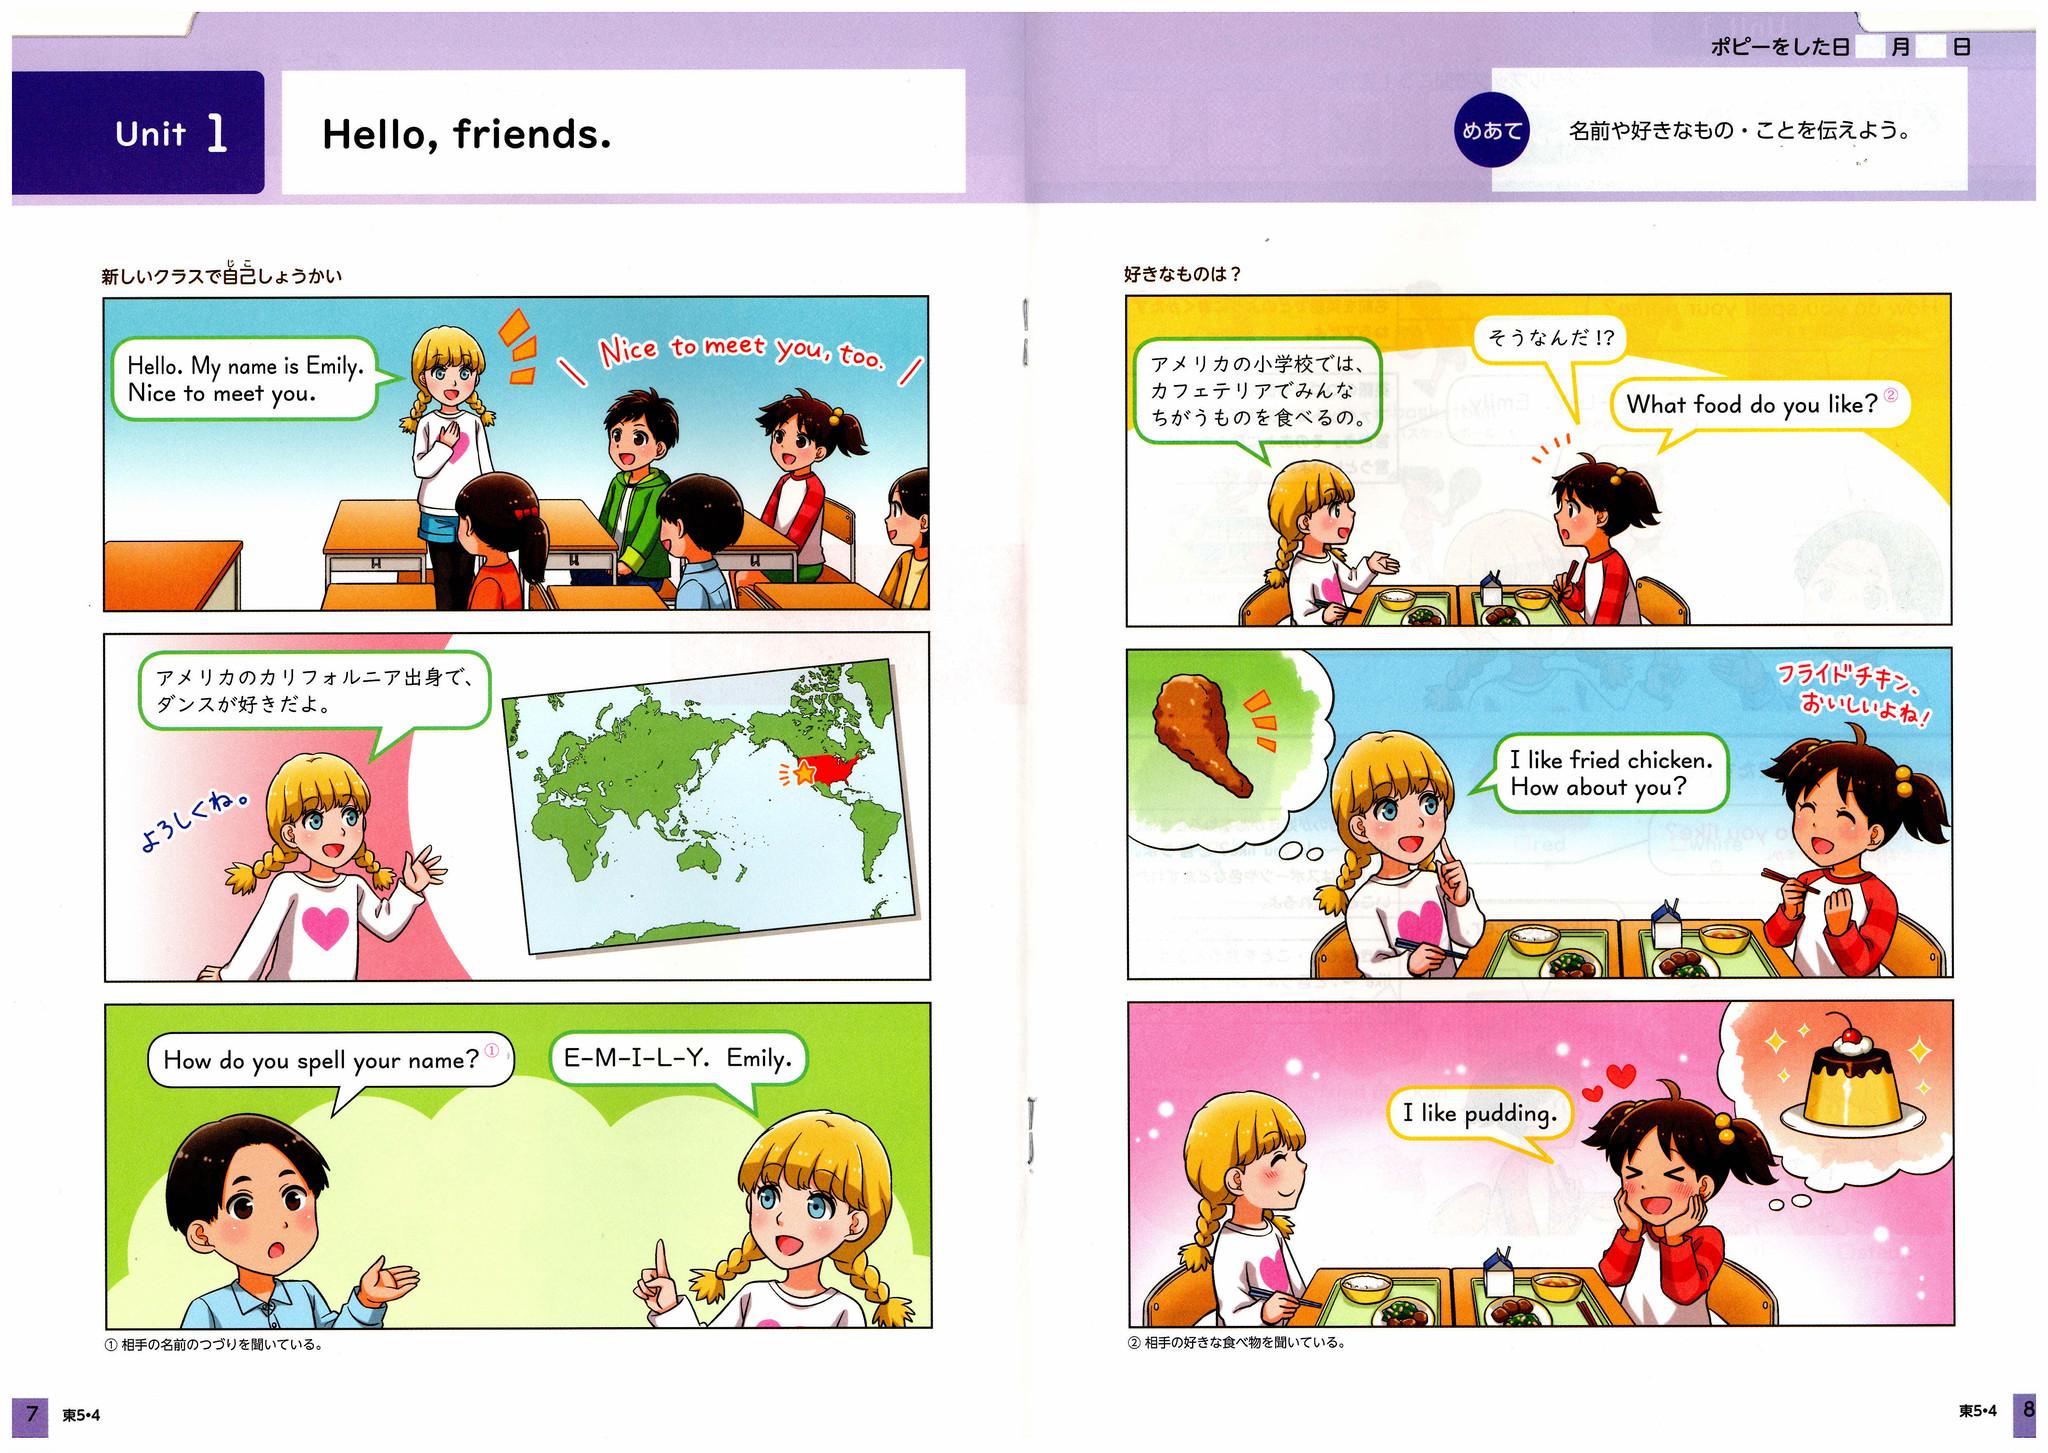 英語習得の奨め